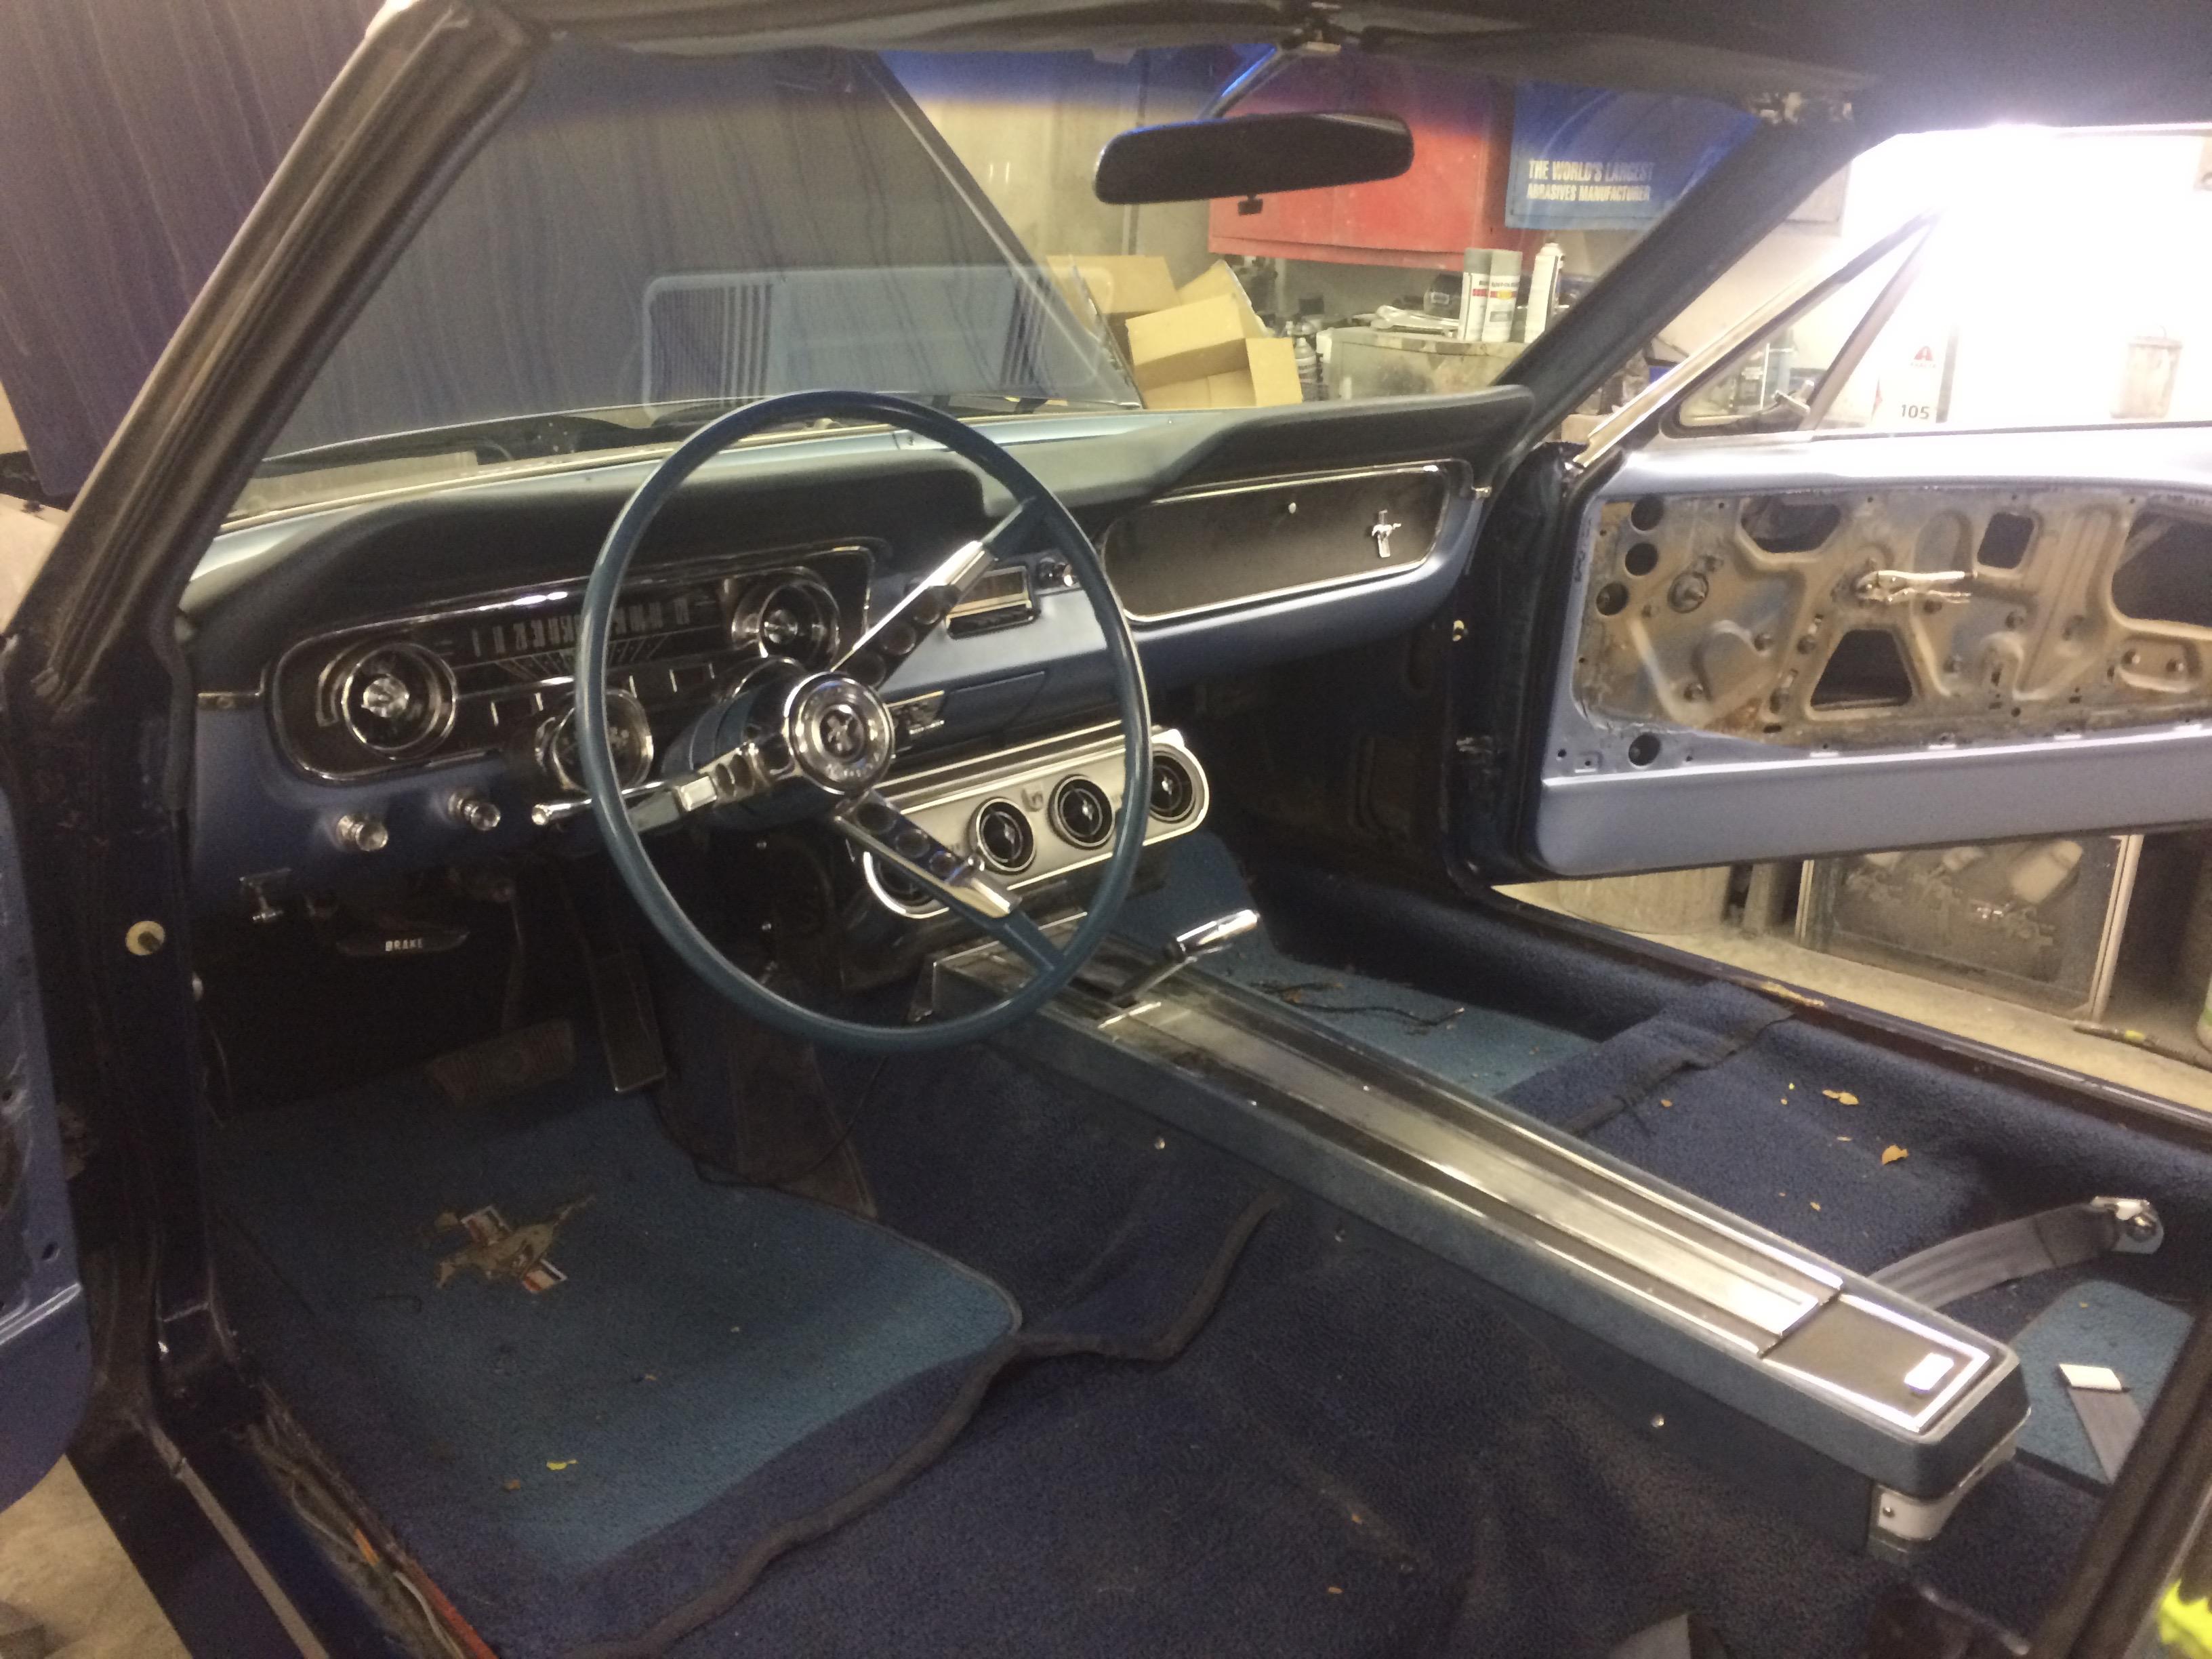 1964 Mustang Restoration